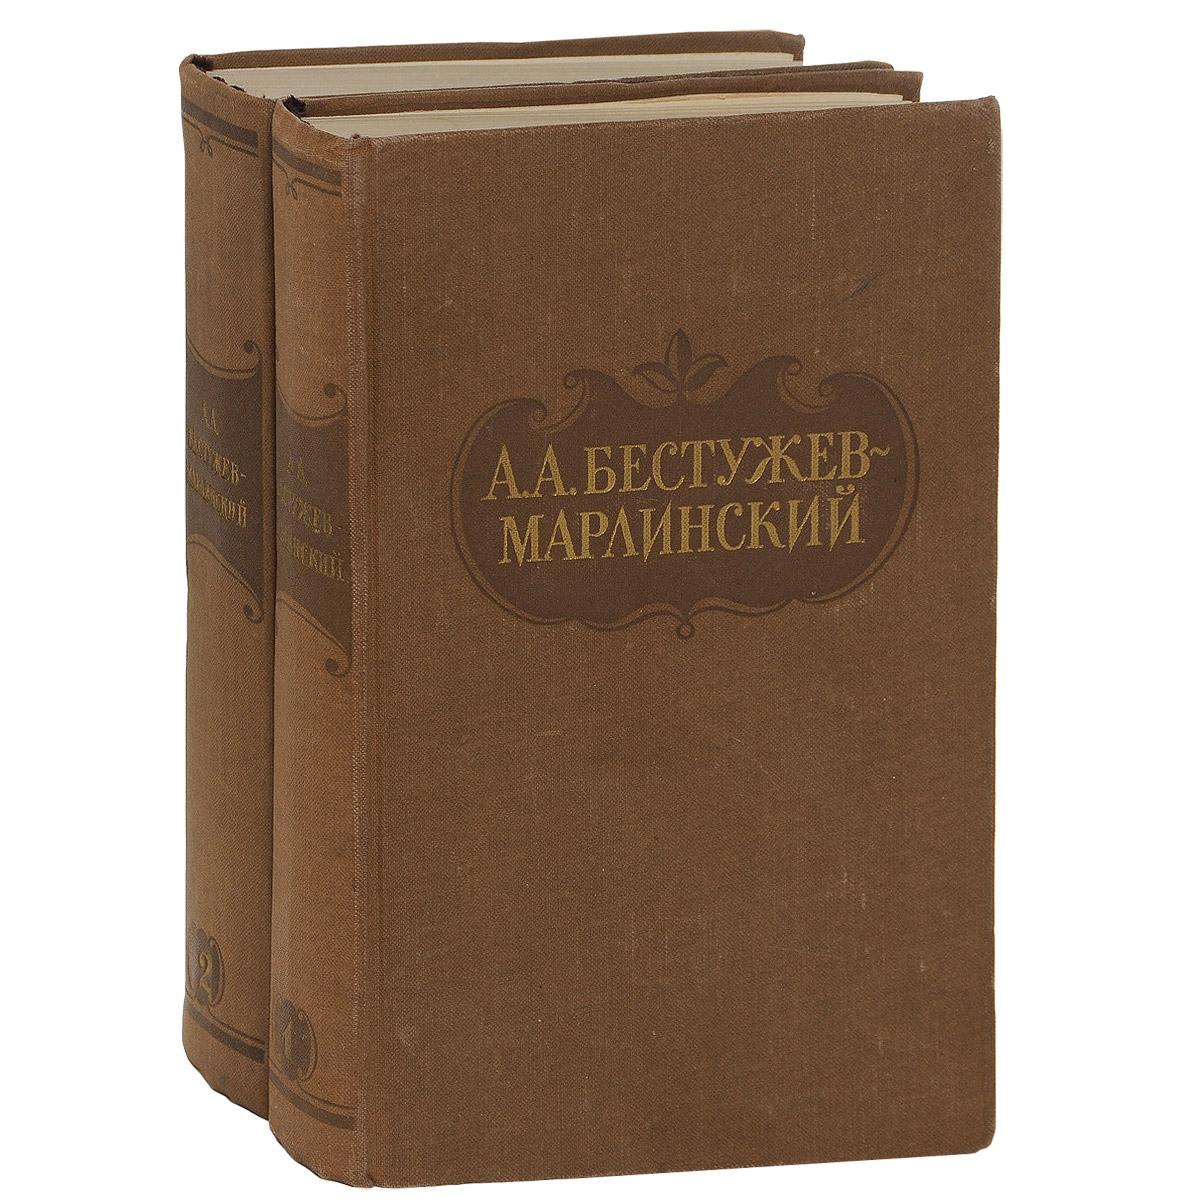 А. А. Бестужев-Марлинский А. А. Бестужев-Марлинский. Сочинения в 2 томах (комплект из 2 книг) корней чуковский сочинения в 2 томах комплект